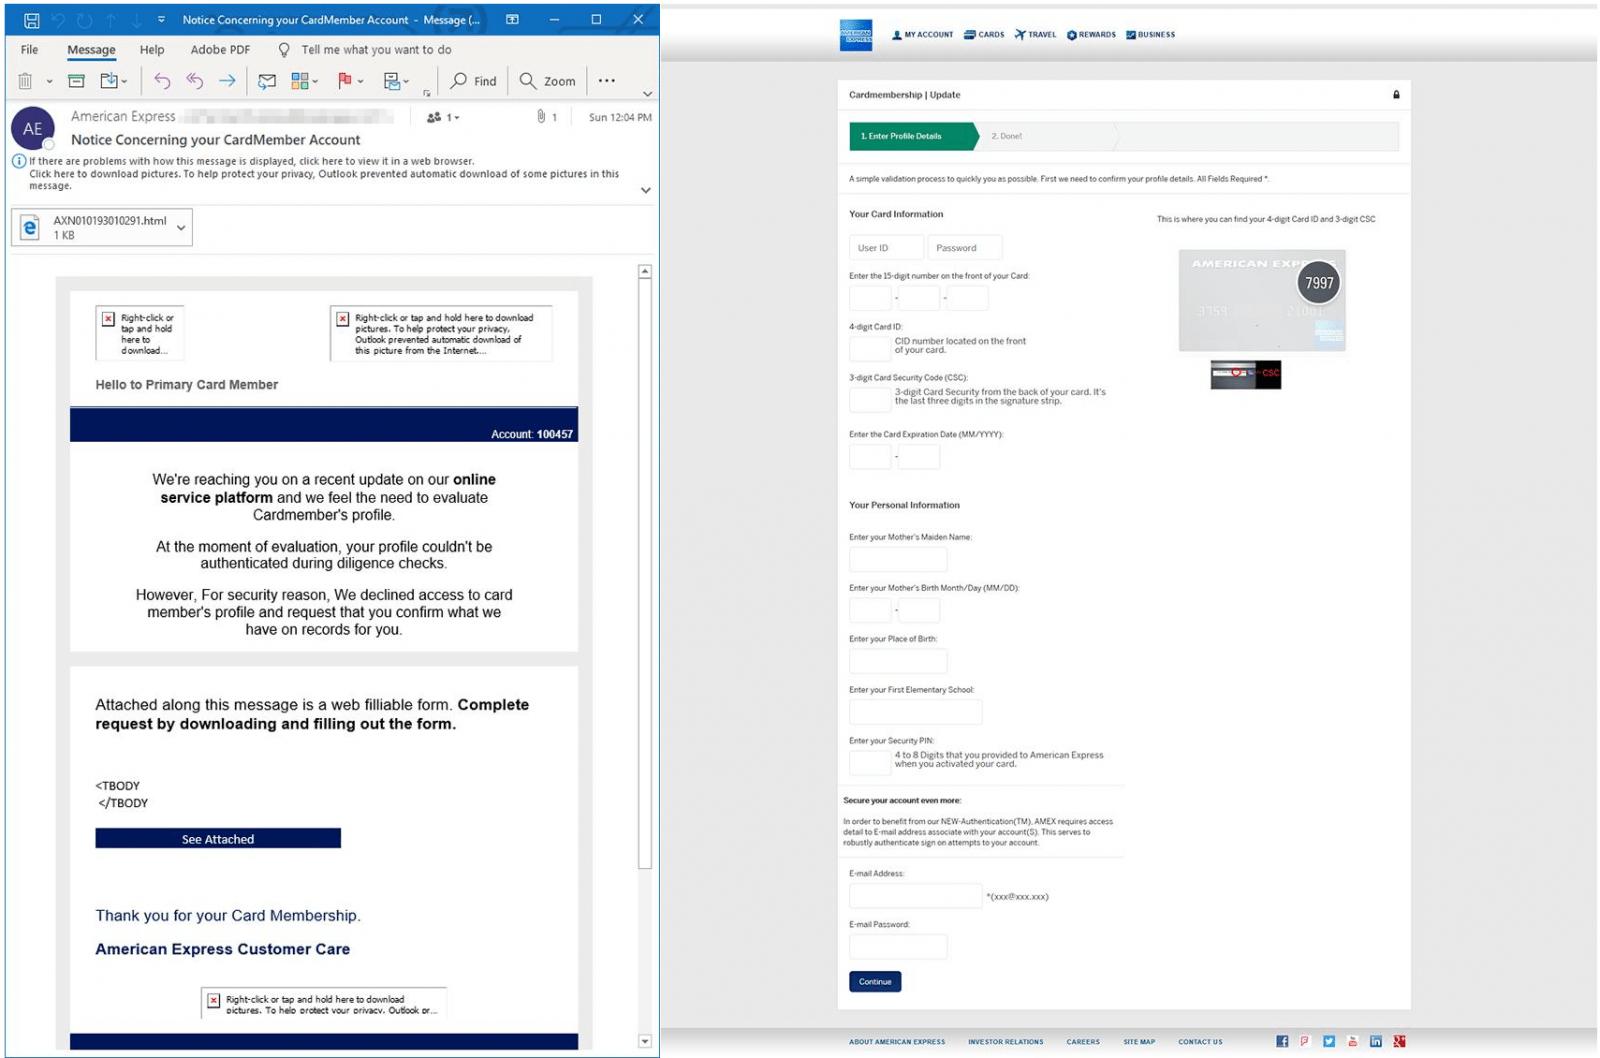 AMEX phishing campaign